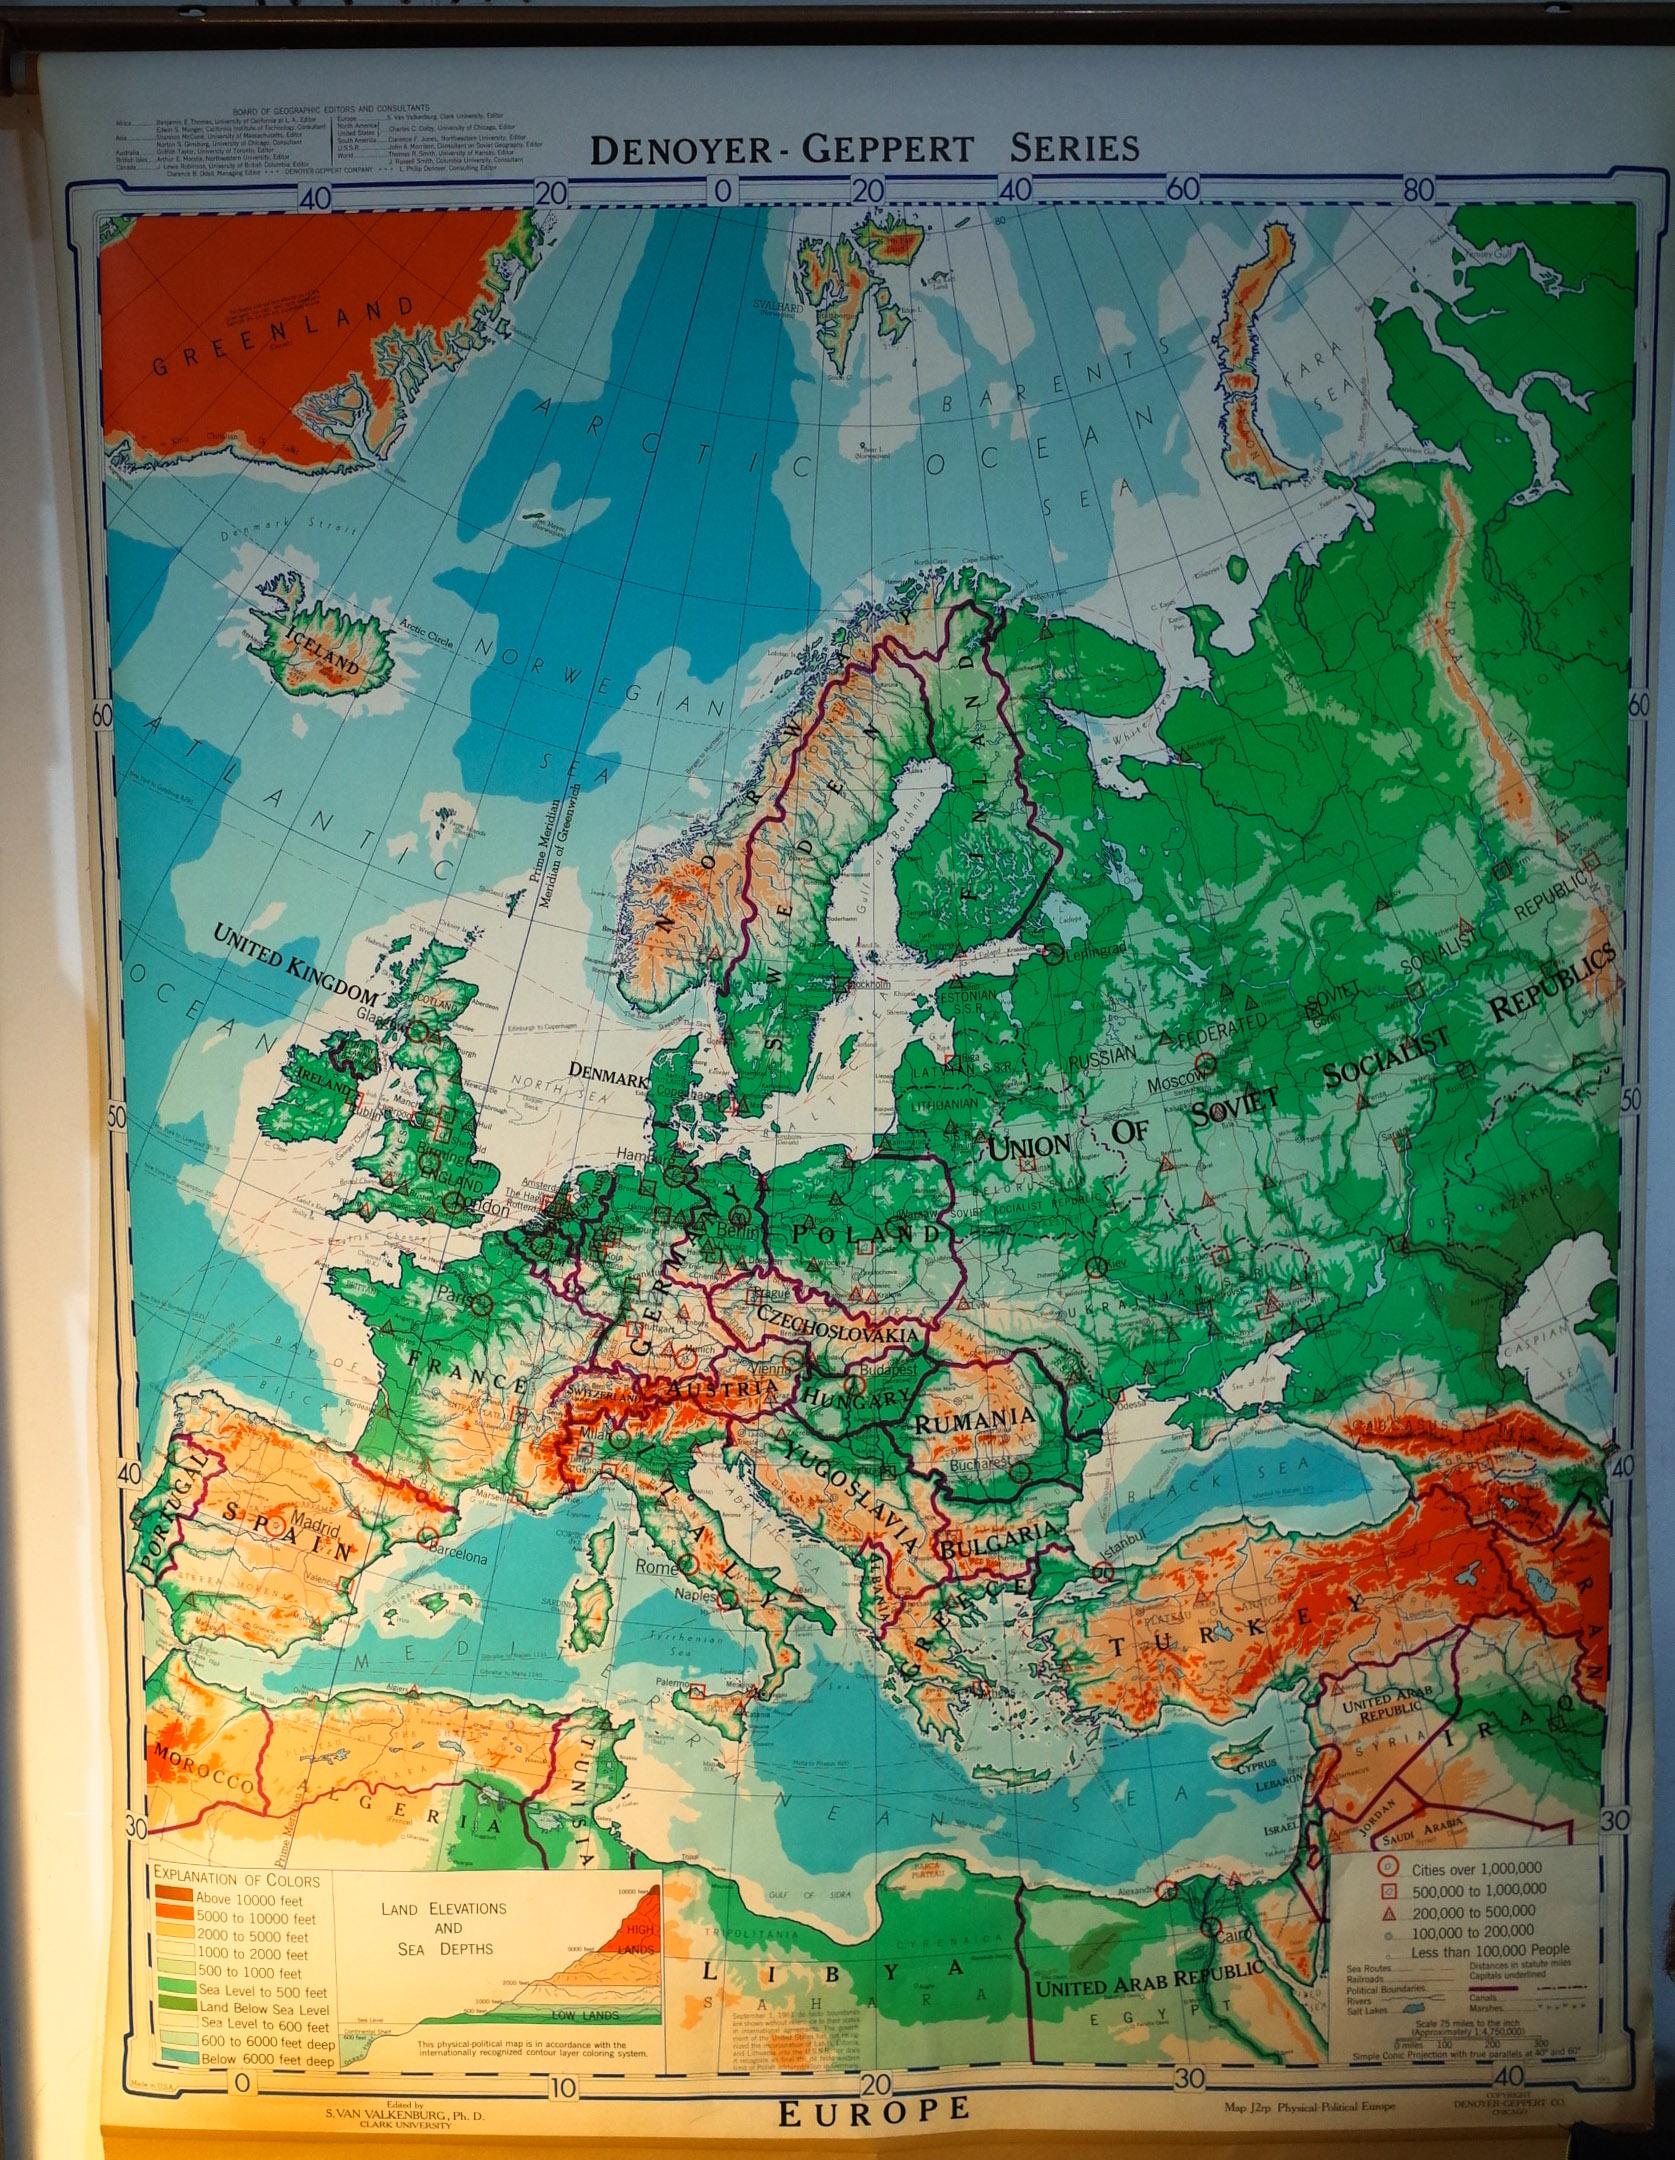 europe-denoyer-geppert-social-science-maps.jpg